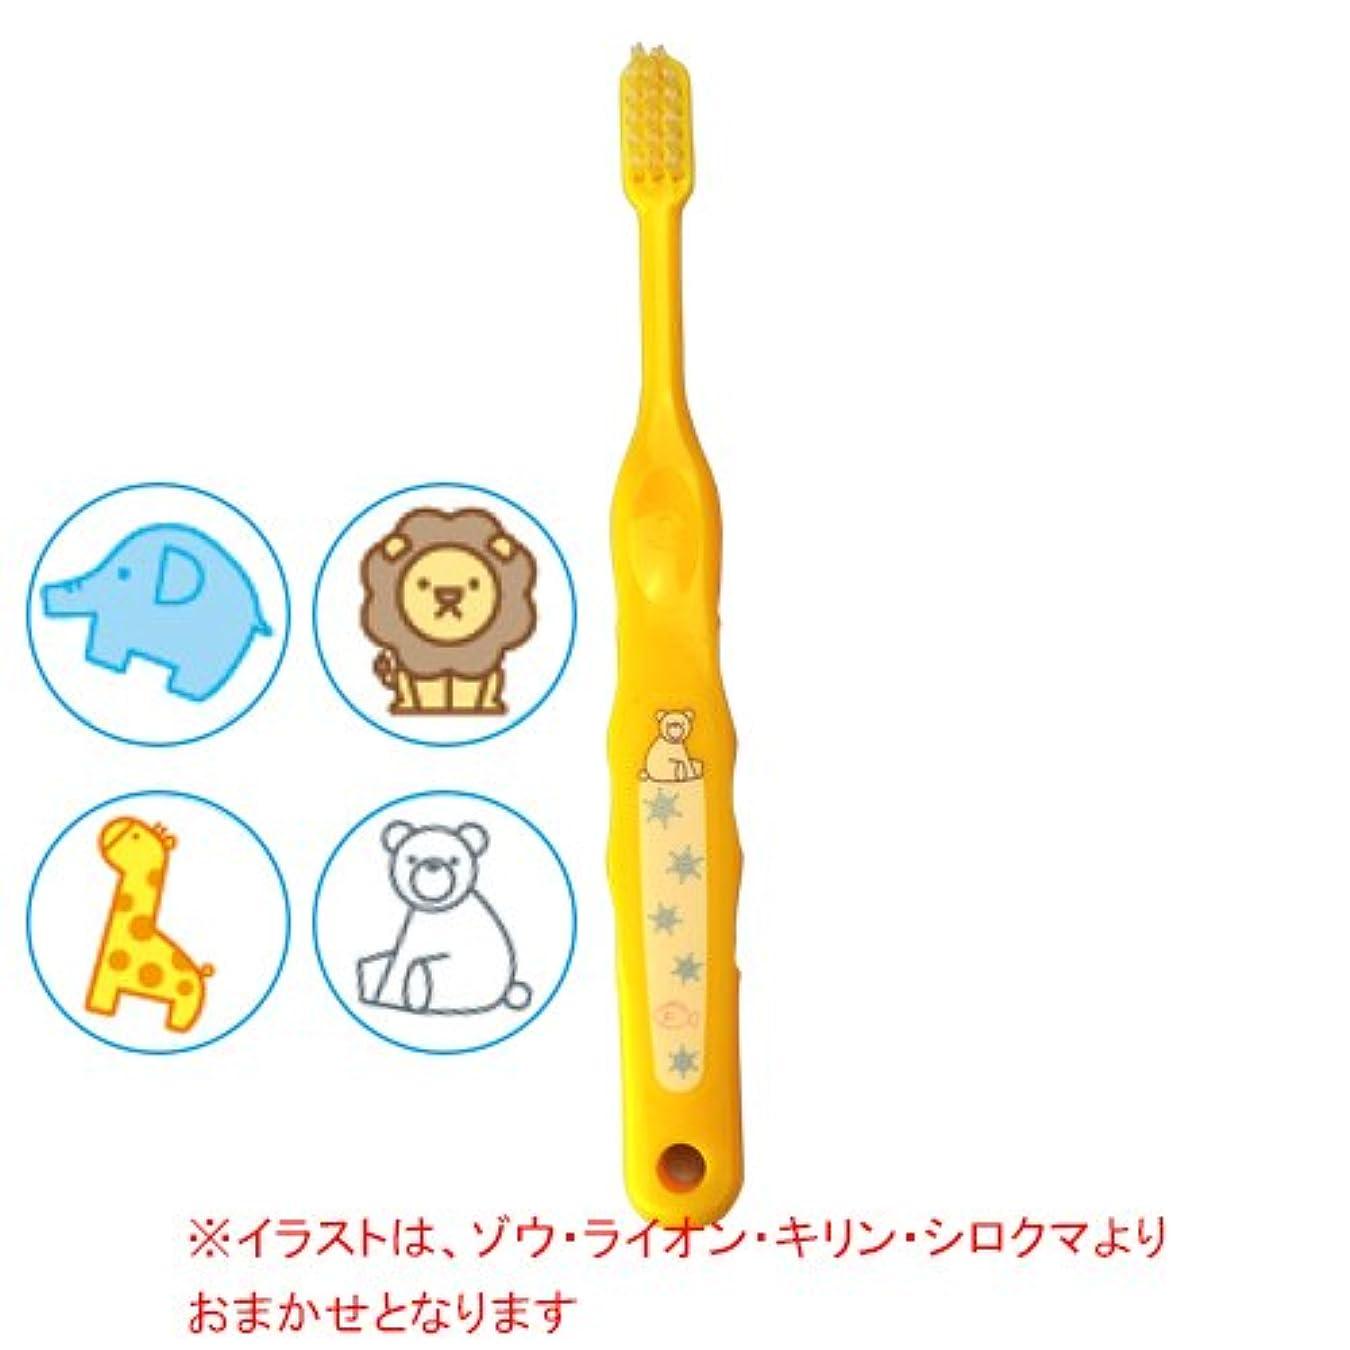 魅力的であることへのアピールスポーツをするオンCiメディカル Ci なまえ歯ブラシ 503 (やわらかめ) (乳児から小学生向)1本 (イエロー)